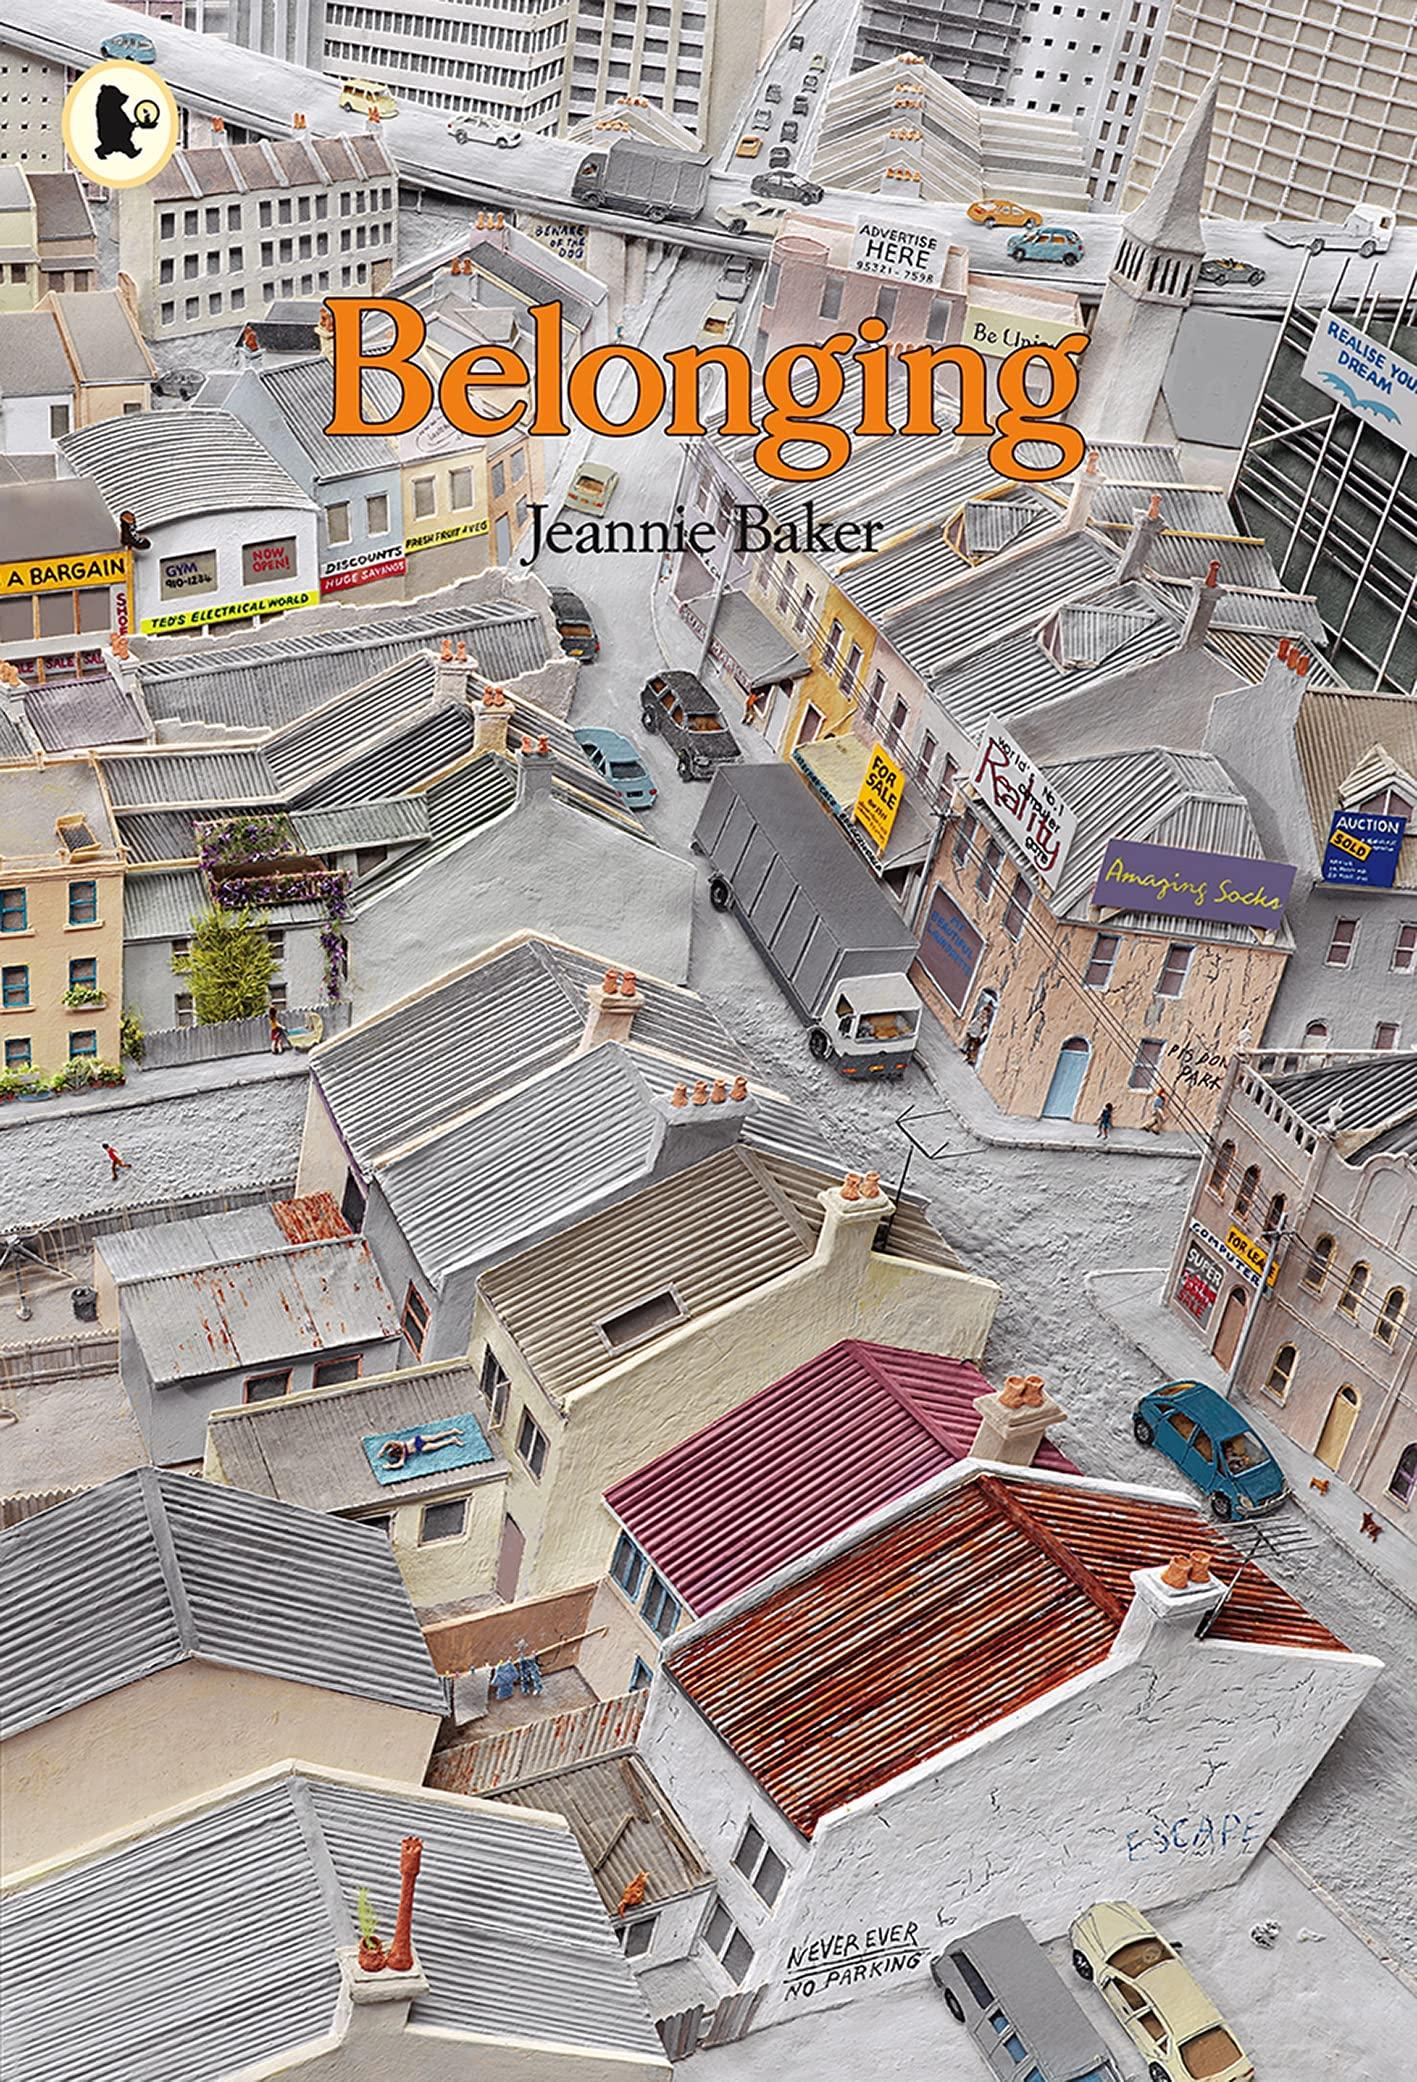 Belonging : Baker, Jeannie, Baker, Jeannie: Amazon.co.uk: Books